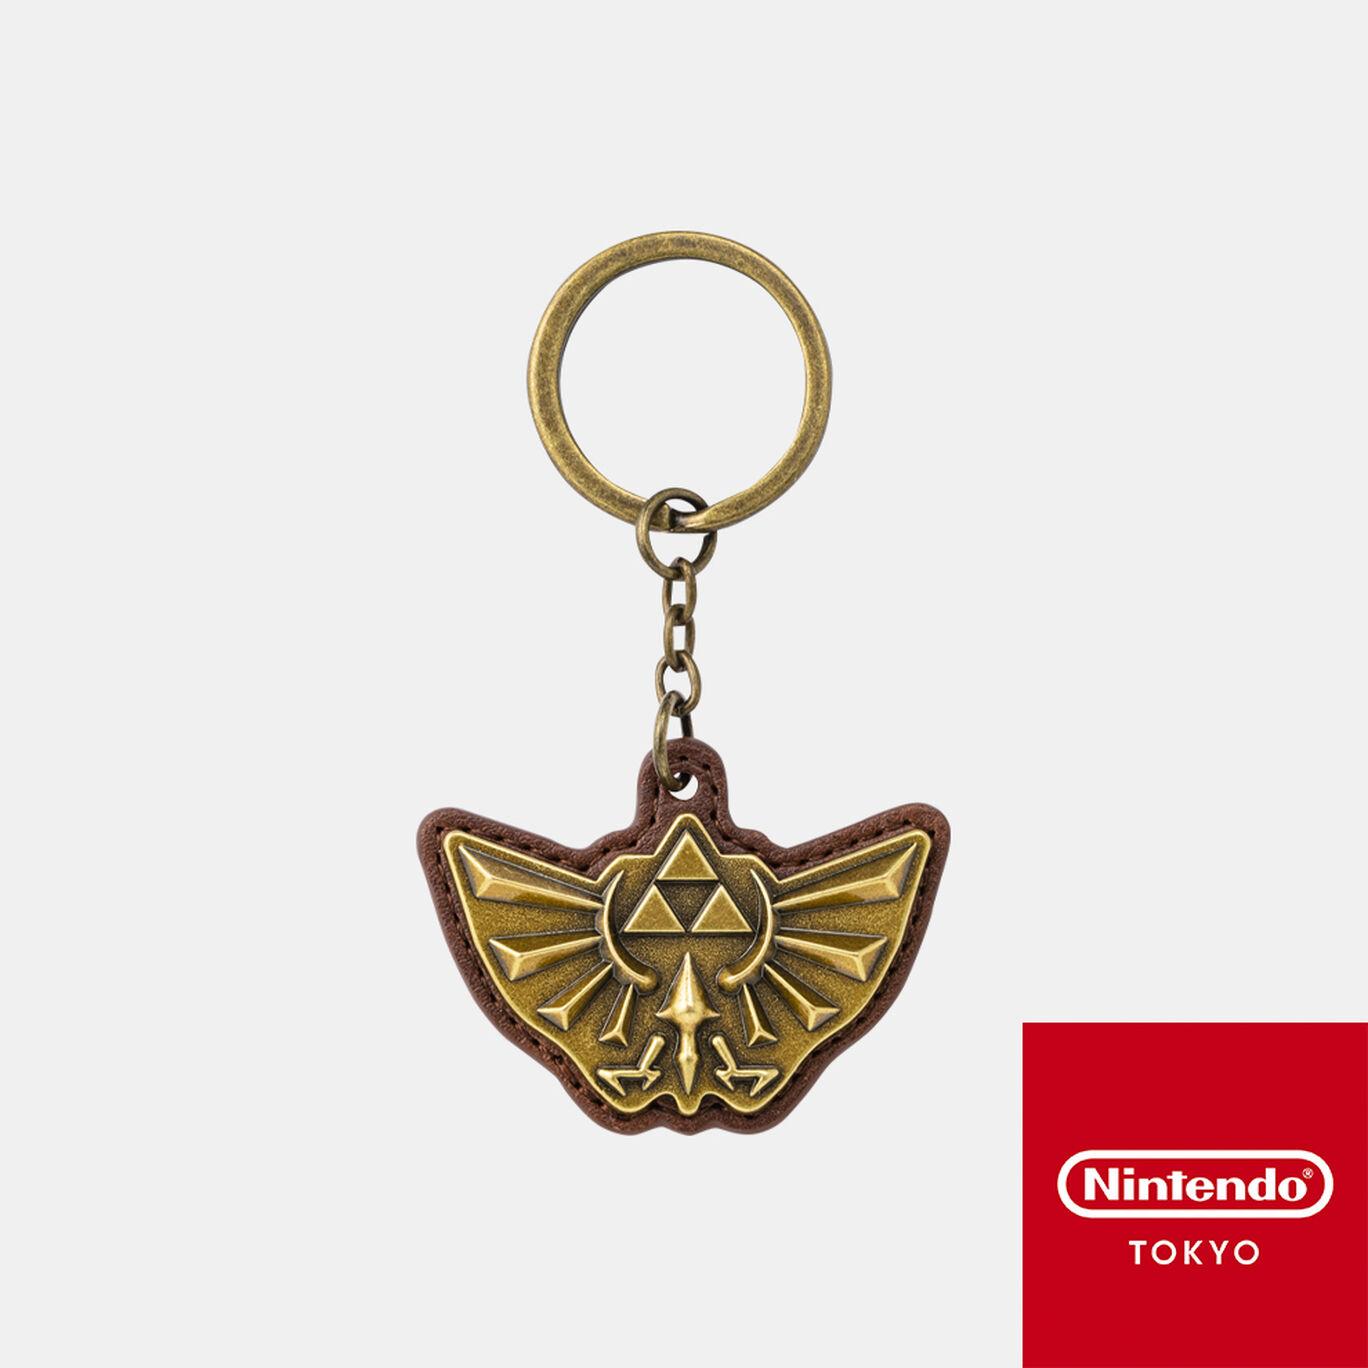 キーホルダー ゼルダの伝説 A【Nintendo TOKYO取り扱い商品】